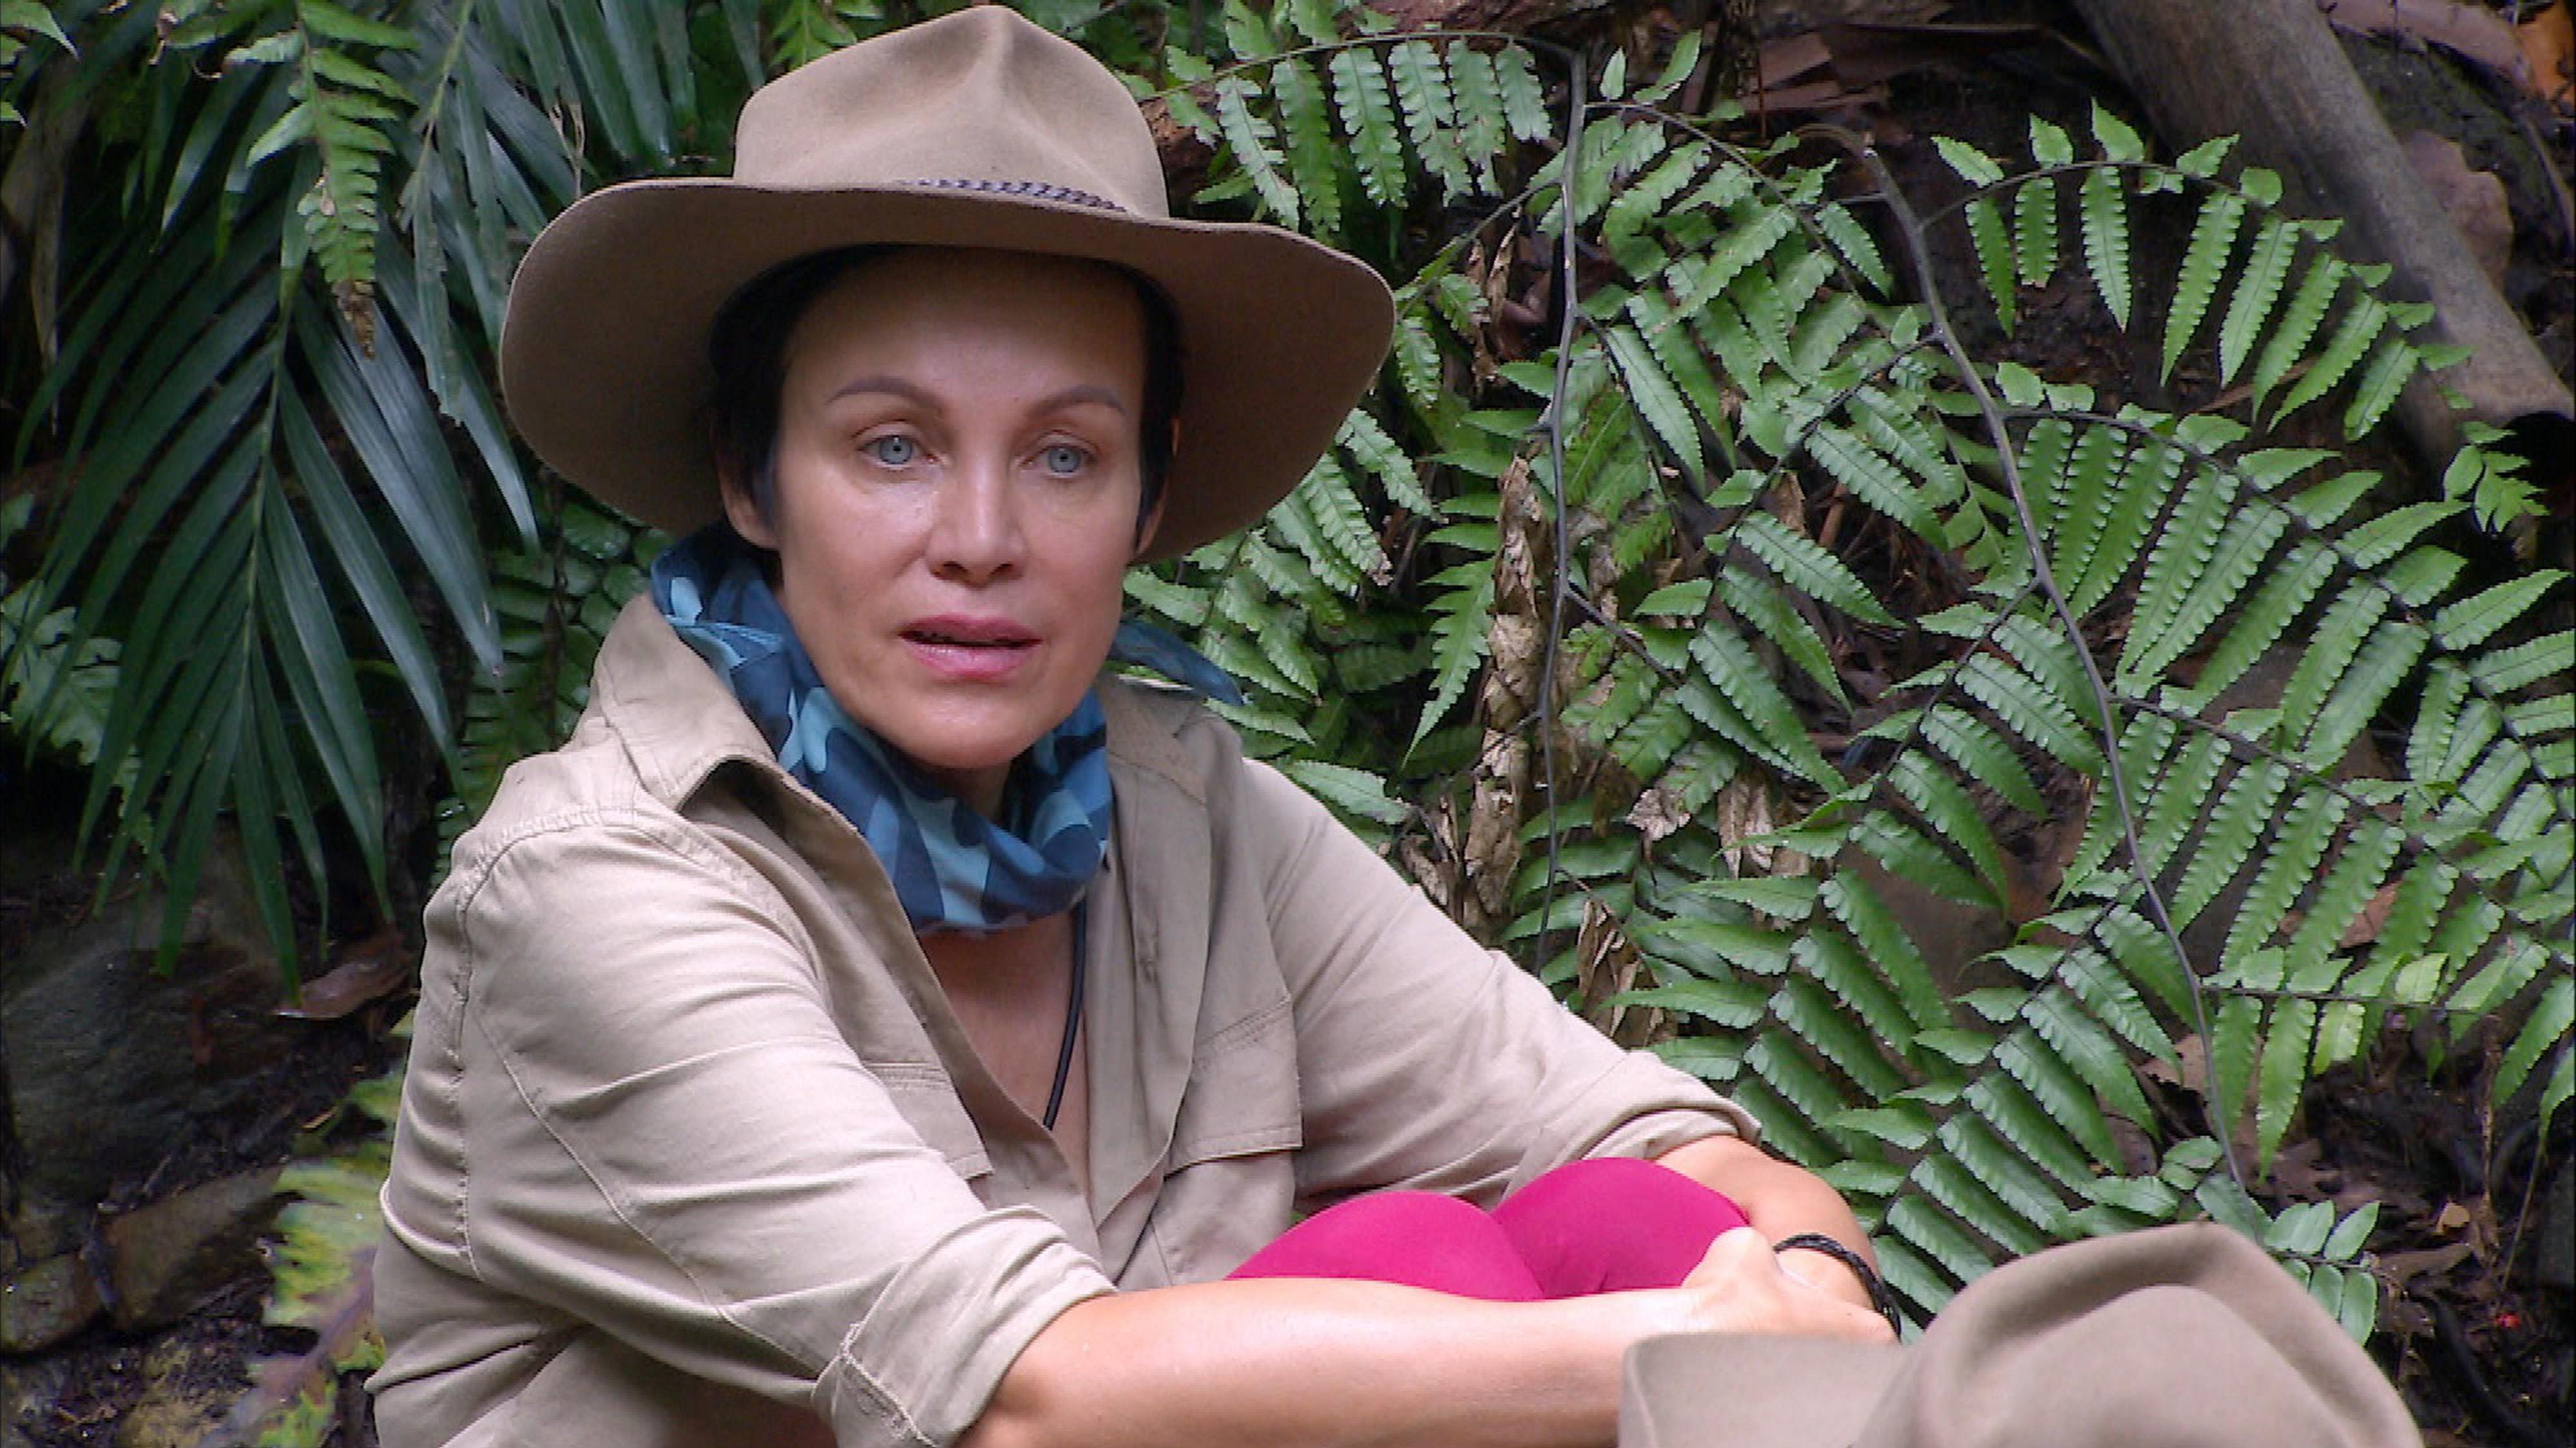 Sonja Kirchberger holt nach Rausschmiss zum Rundumschlag aus